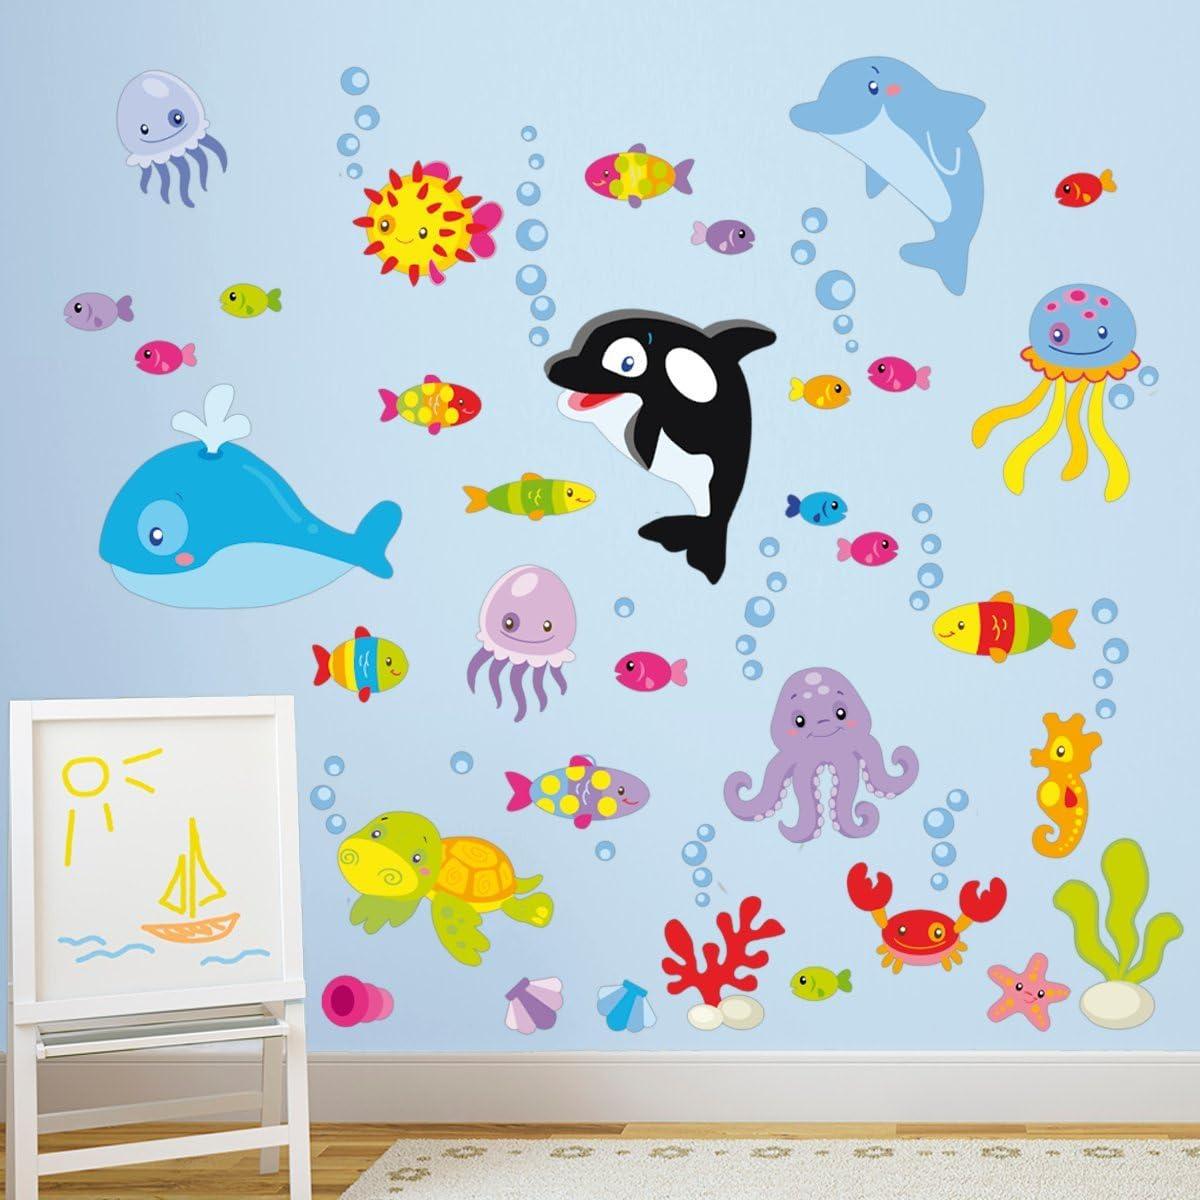 STIKID Realizzato per la cameretta dei Bambini Misura 265x42 cm Prodotto in Italia Under The Sea in Fondo al Mar Resistente Adesivo murale